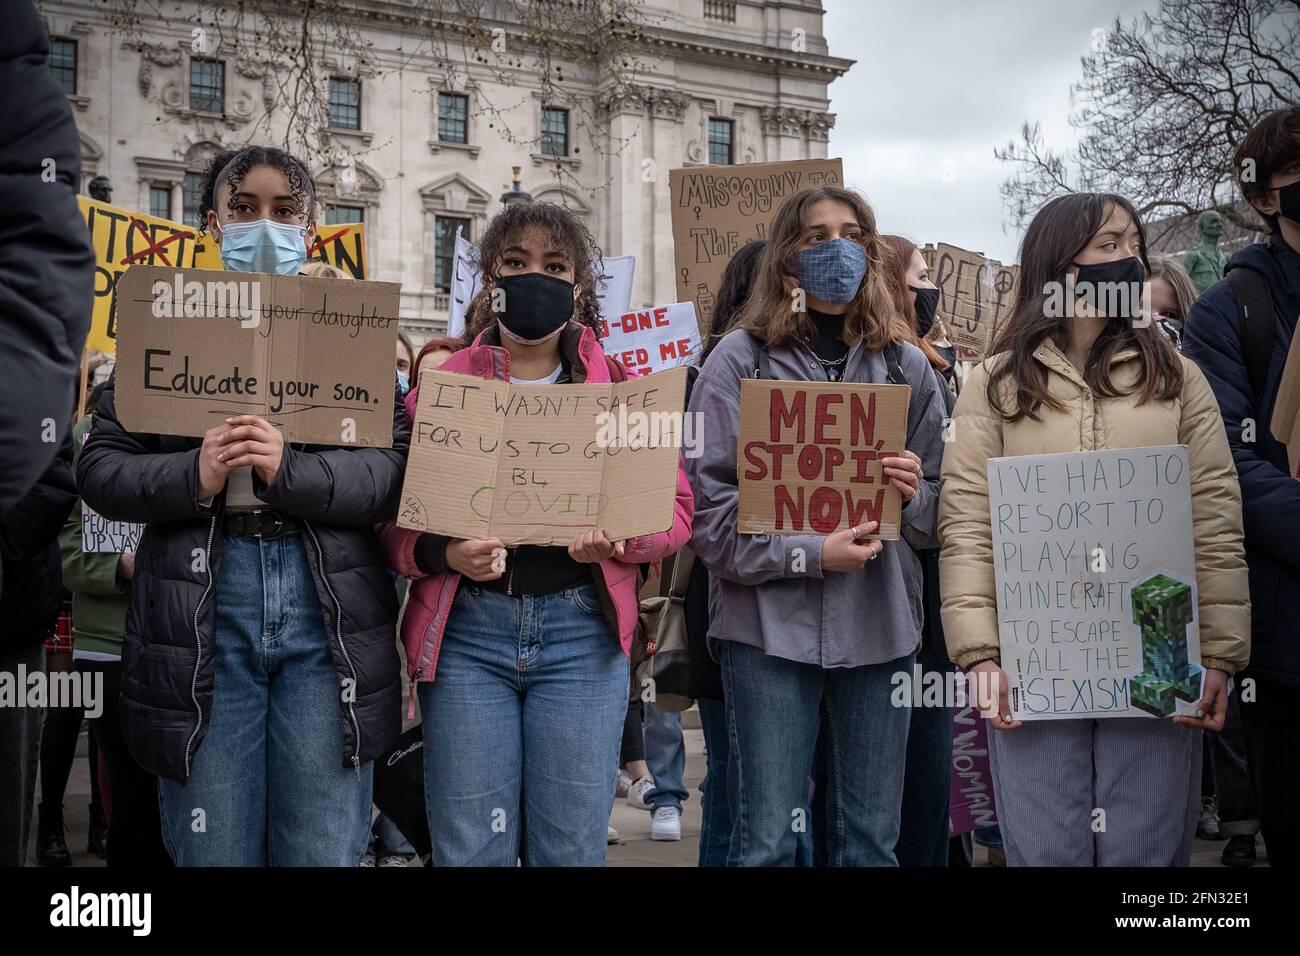 Mettre fin à la violence contre les femmes - le 97 mars à Parliament Square, Londres, Royaume-Uni Banque D'Images